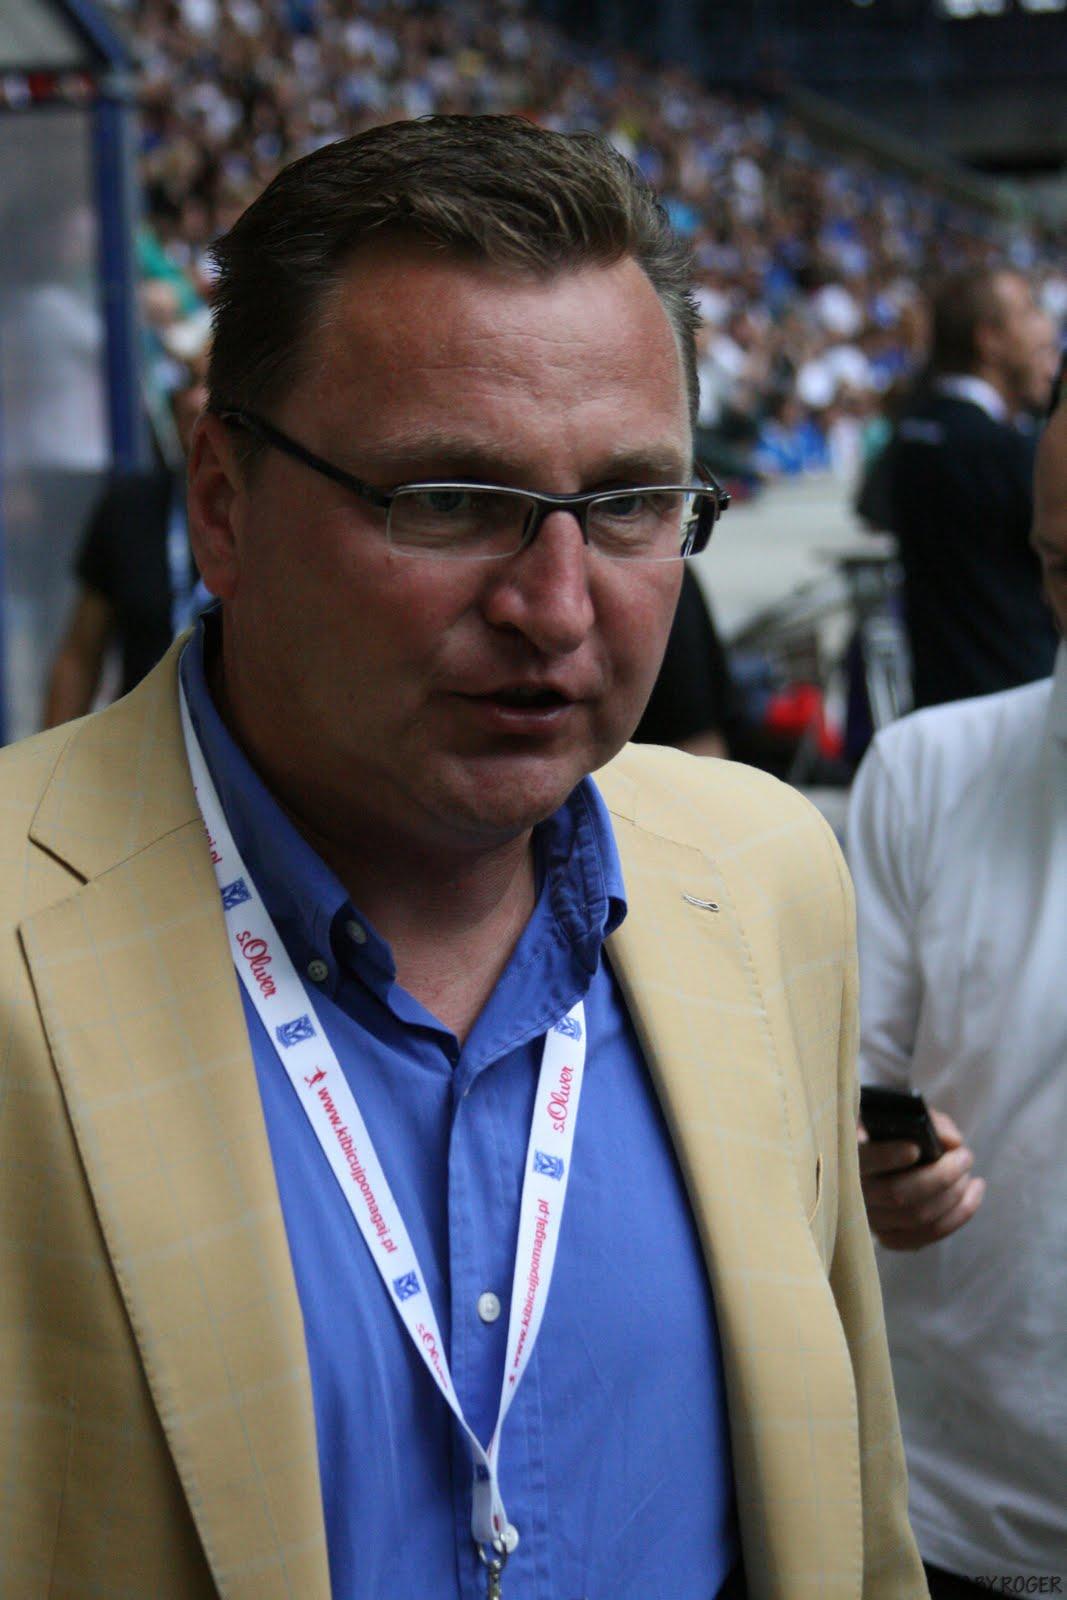 Piłka nożna: Cz. Michniewicz i P. Stokowiec trenerami roku